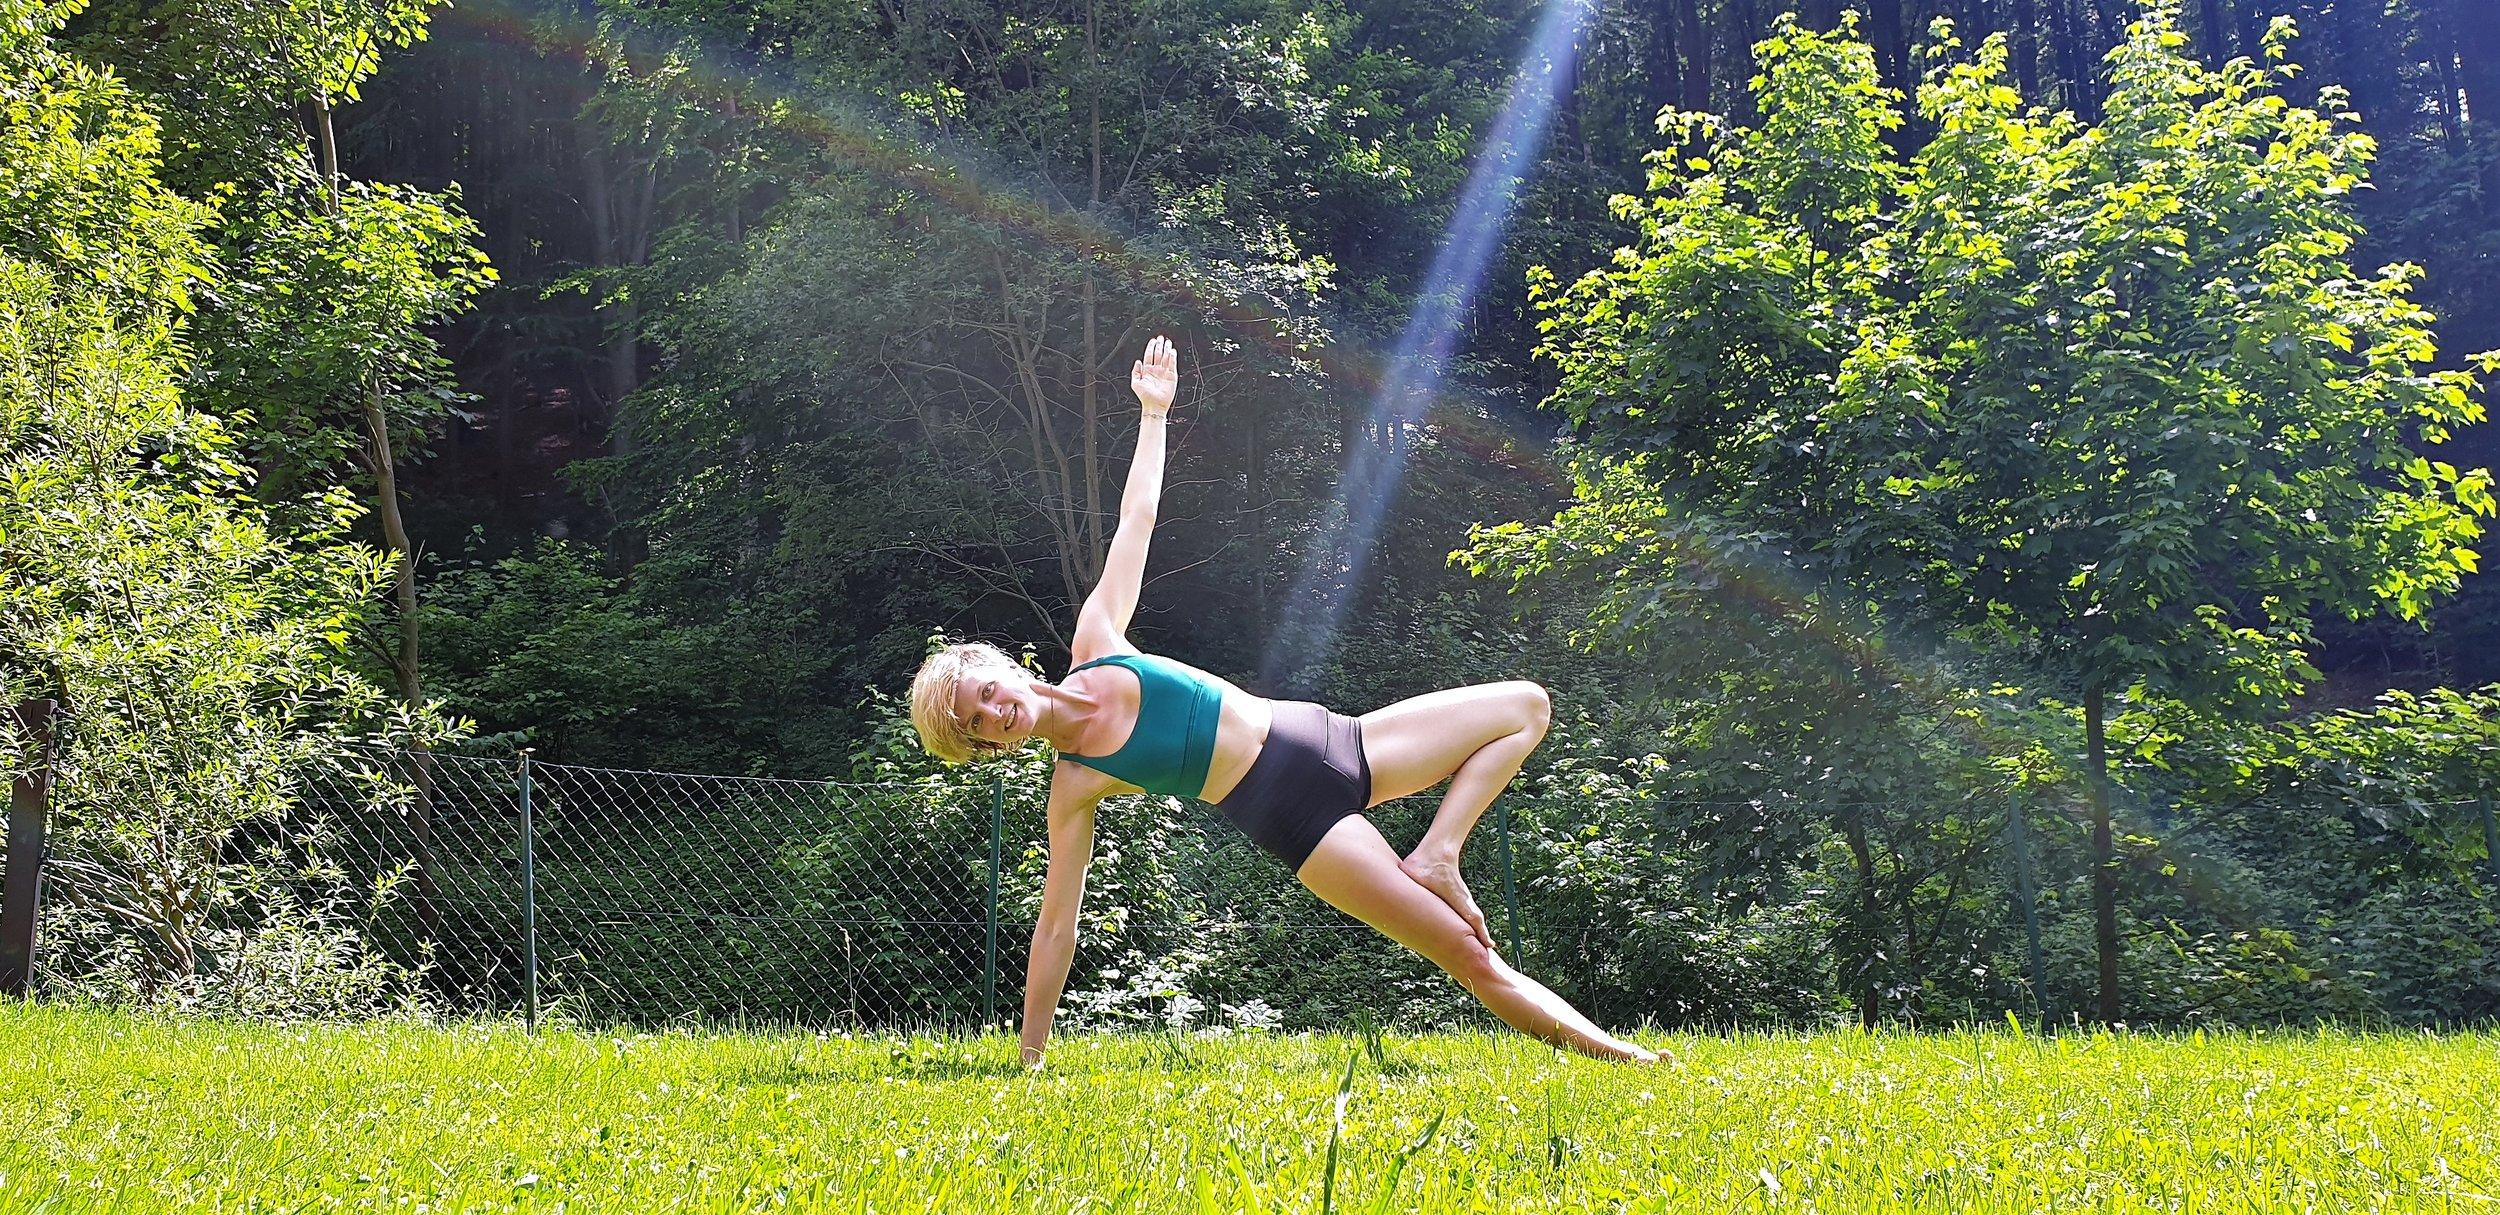 Yoga im Garten - Wann: jeden Mittwoch, 18:30-20:00Wo: im Garten meines ElternhausesFellinggraben 3, 3021 Wolfsgraben